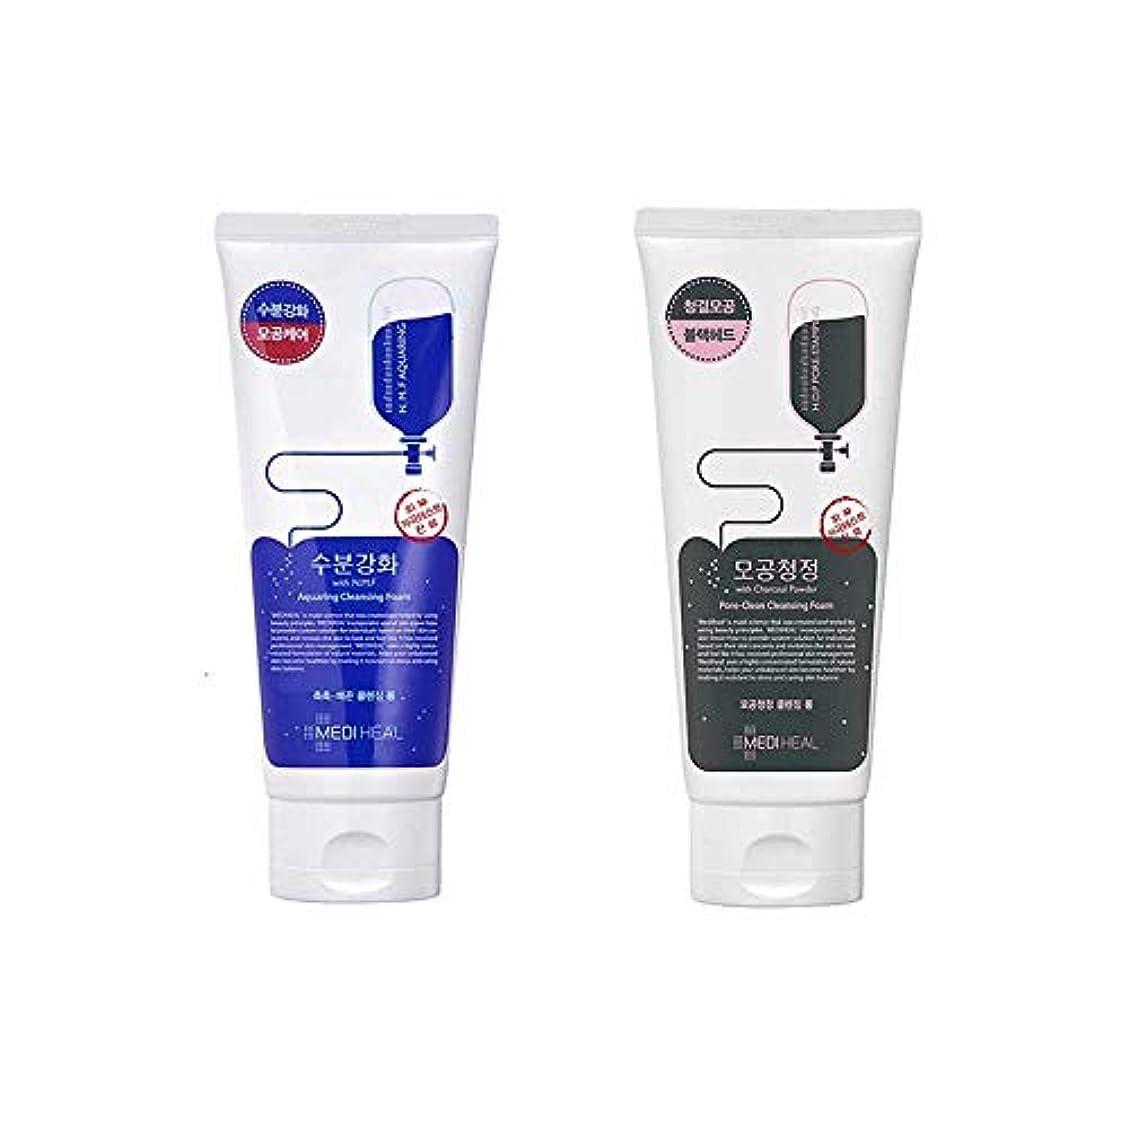 ゆりかごネーピアバック1+1MEDIHEALクレンジングフォーム/(アクアリング+毛穴清浄炭)Cleansing Foam NMF+PORE CLEAN